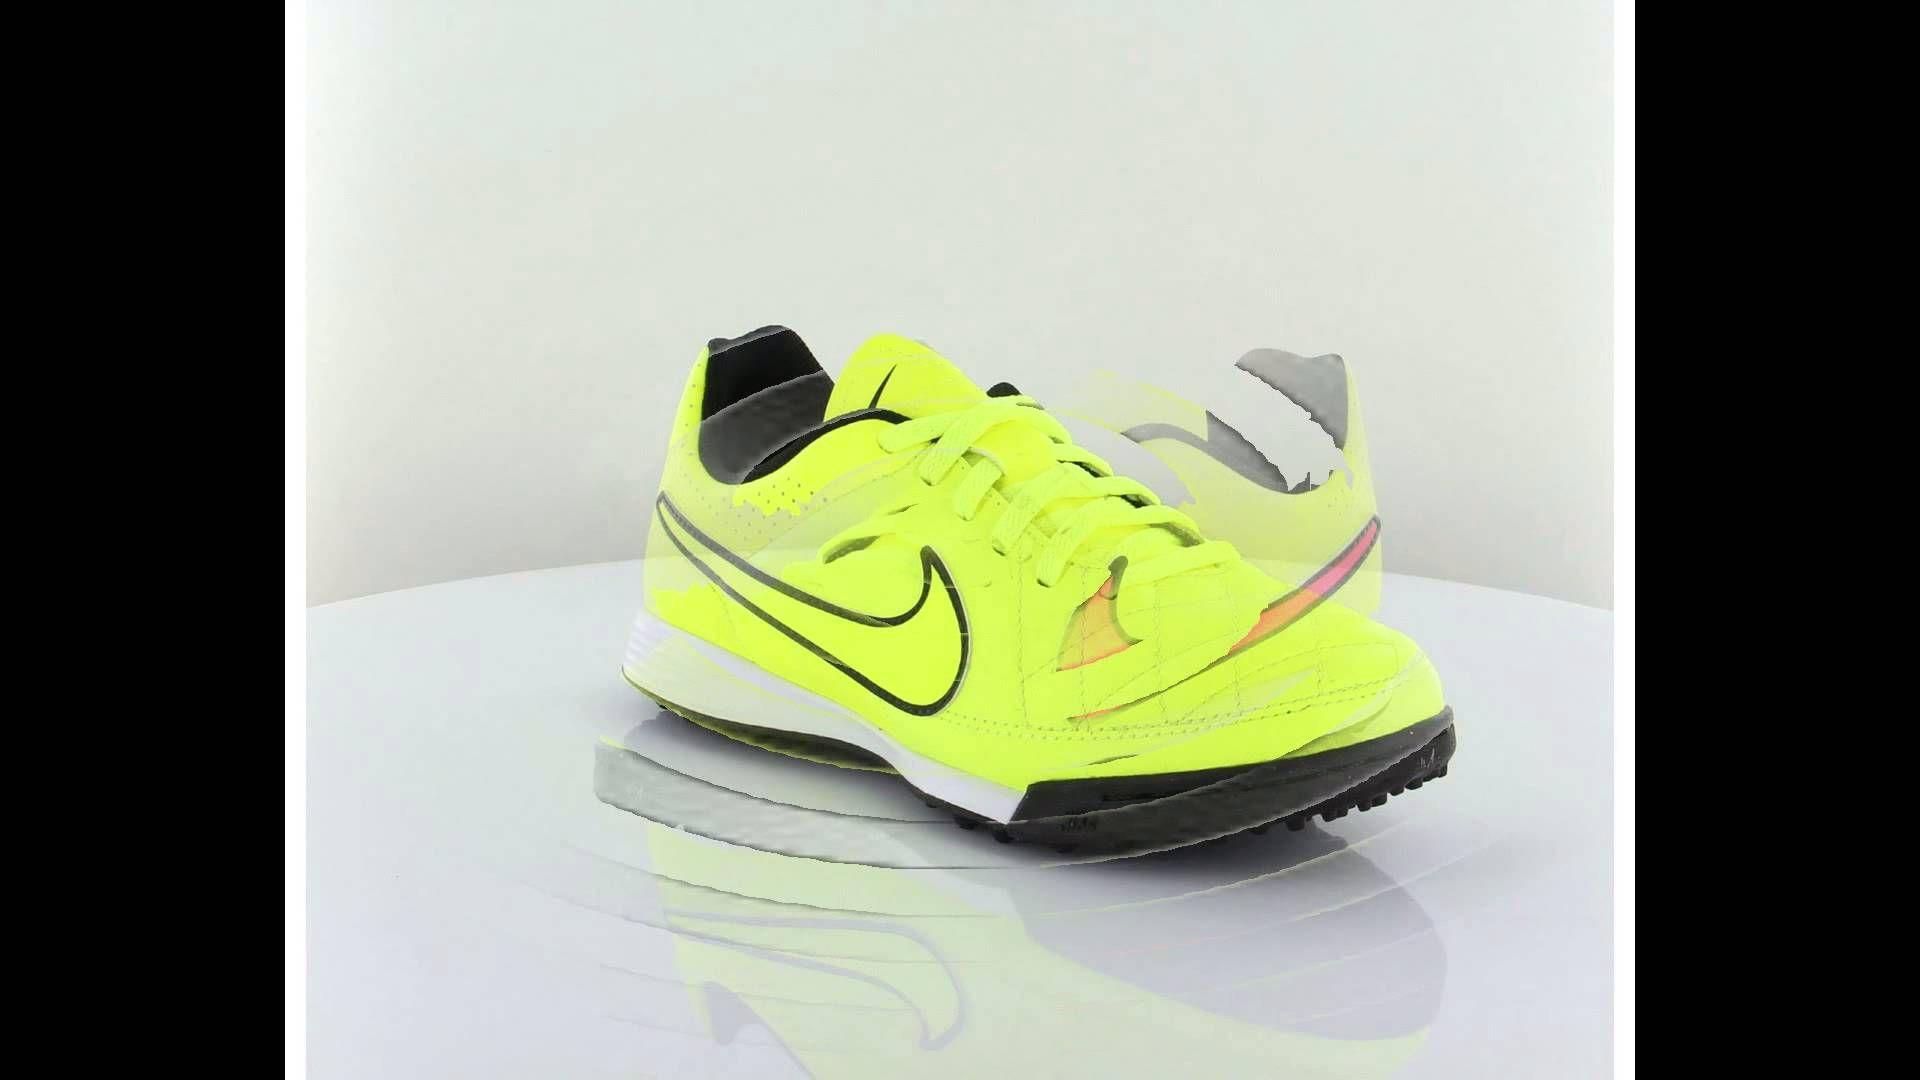 Spor Giyim ve Spor Ayakkabı Kataloğu panosundaki Pin